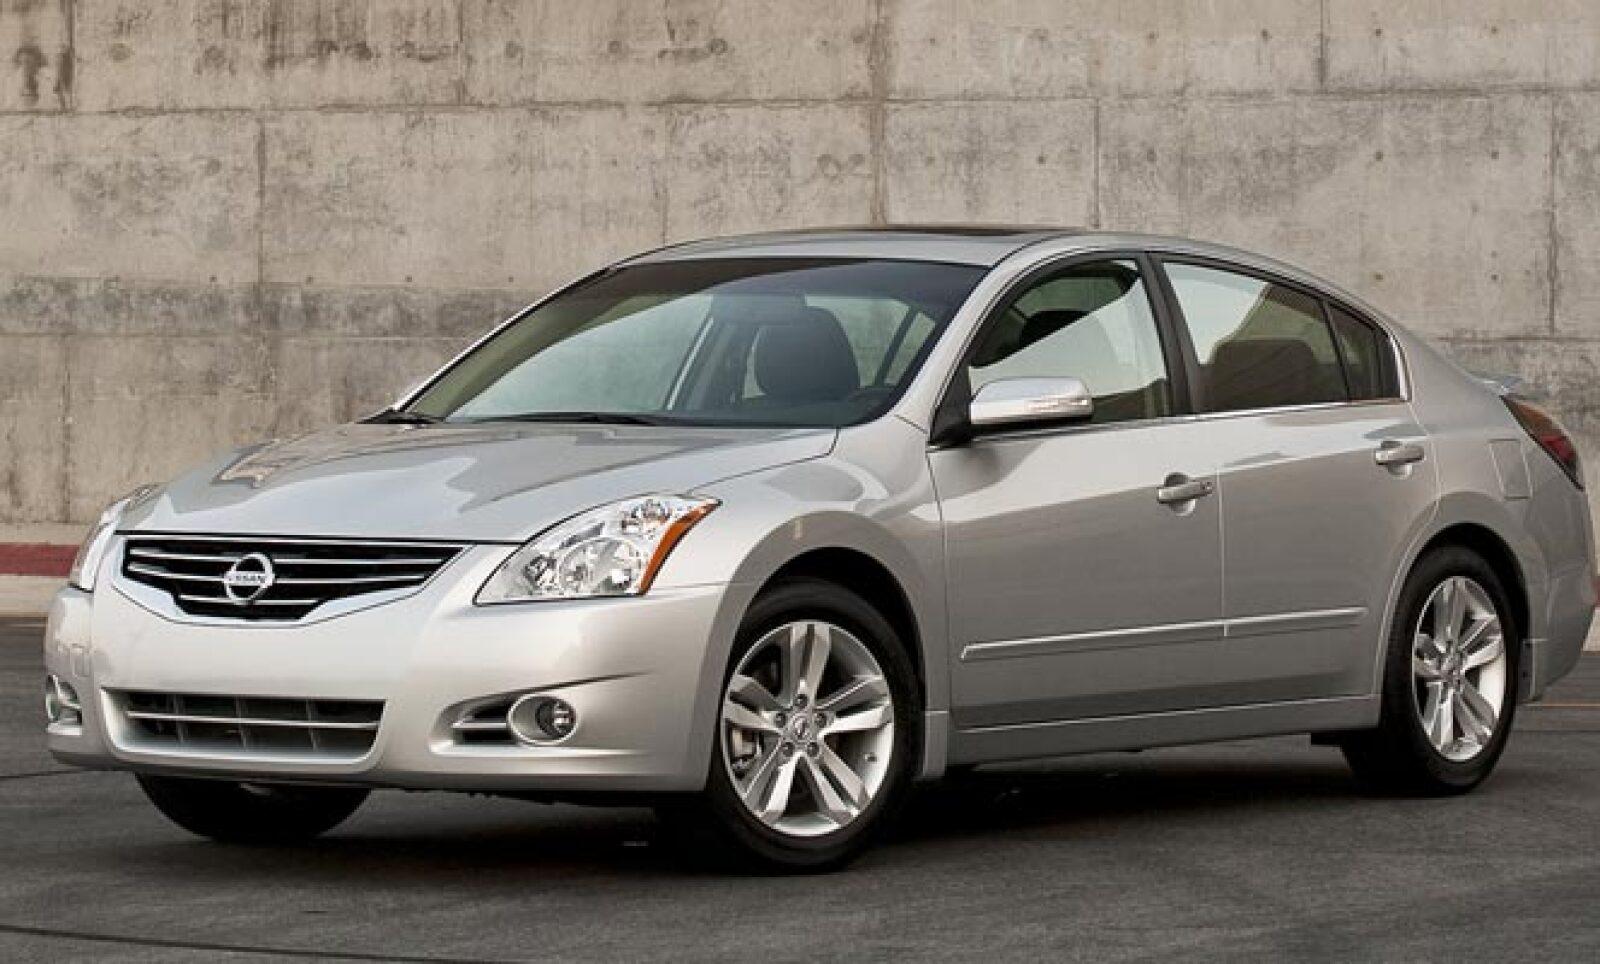 Nissan entra en la segunda posición de este conteo, con 1,489 unidades vendidas en los primeros seis meses del año. Esta cantidad representa un aumento de 1.2% respecto al mismo periodo de 2010, cuando se vendieron 1,471 vehículos.